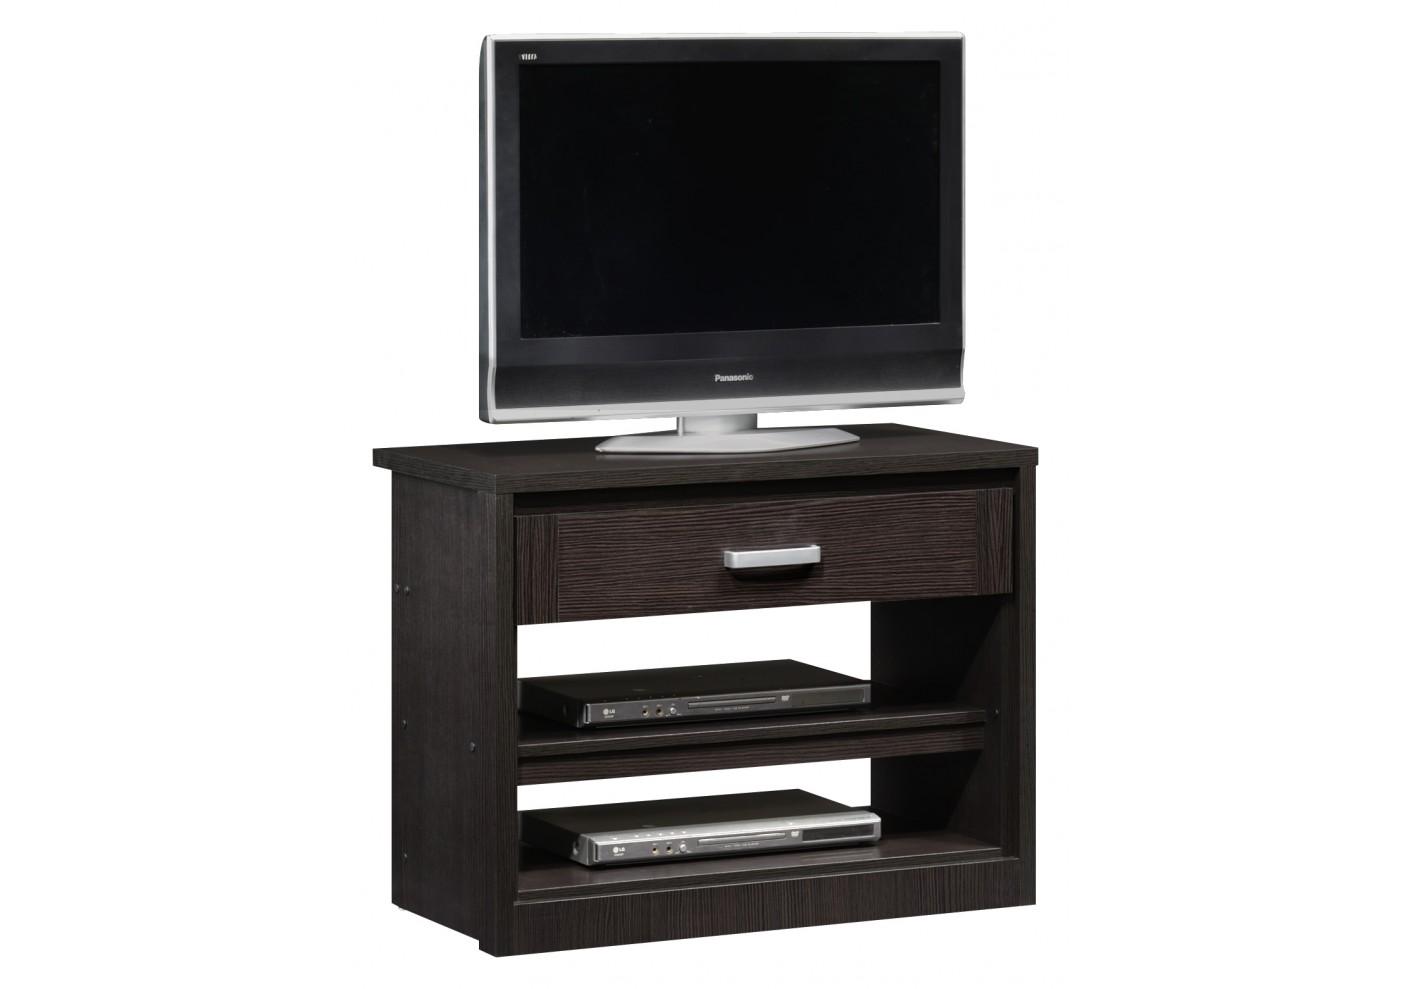 meuble tv curtis 1 tiroir 2 tag res wenge. Black Bedroom Furniture Sets. Home Design Ideas